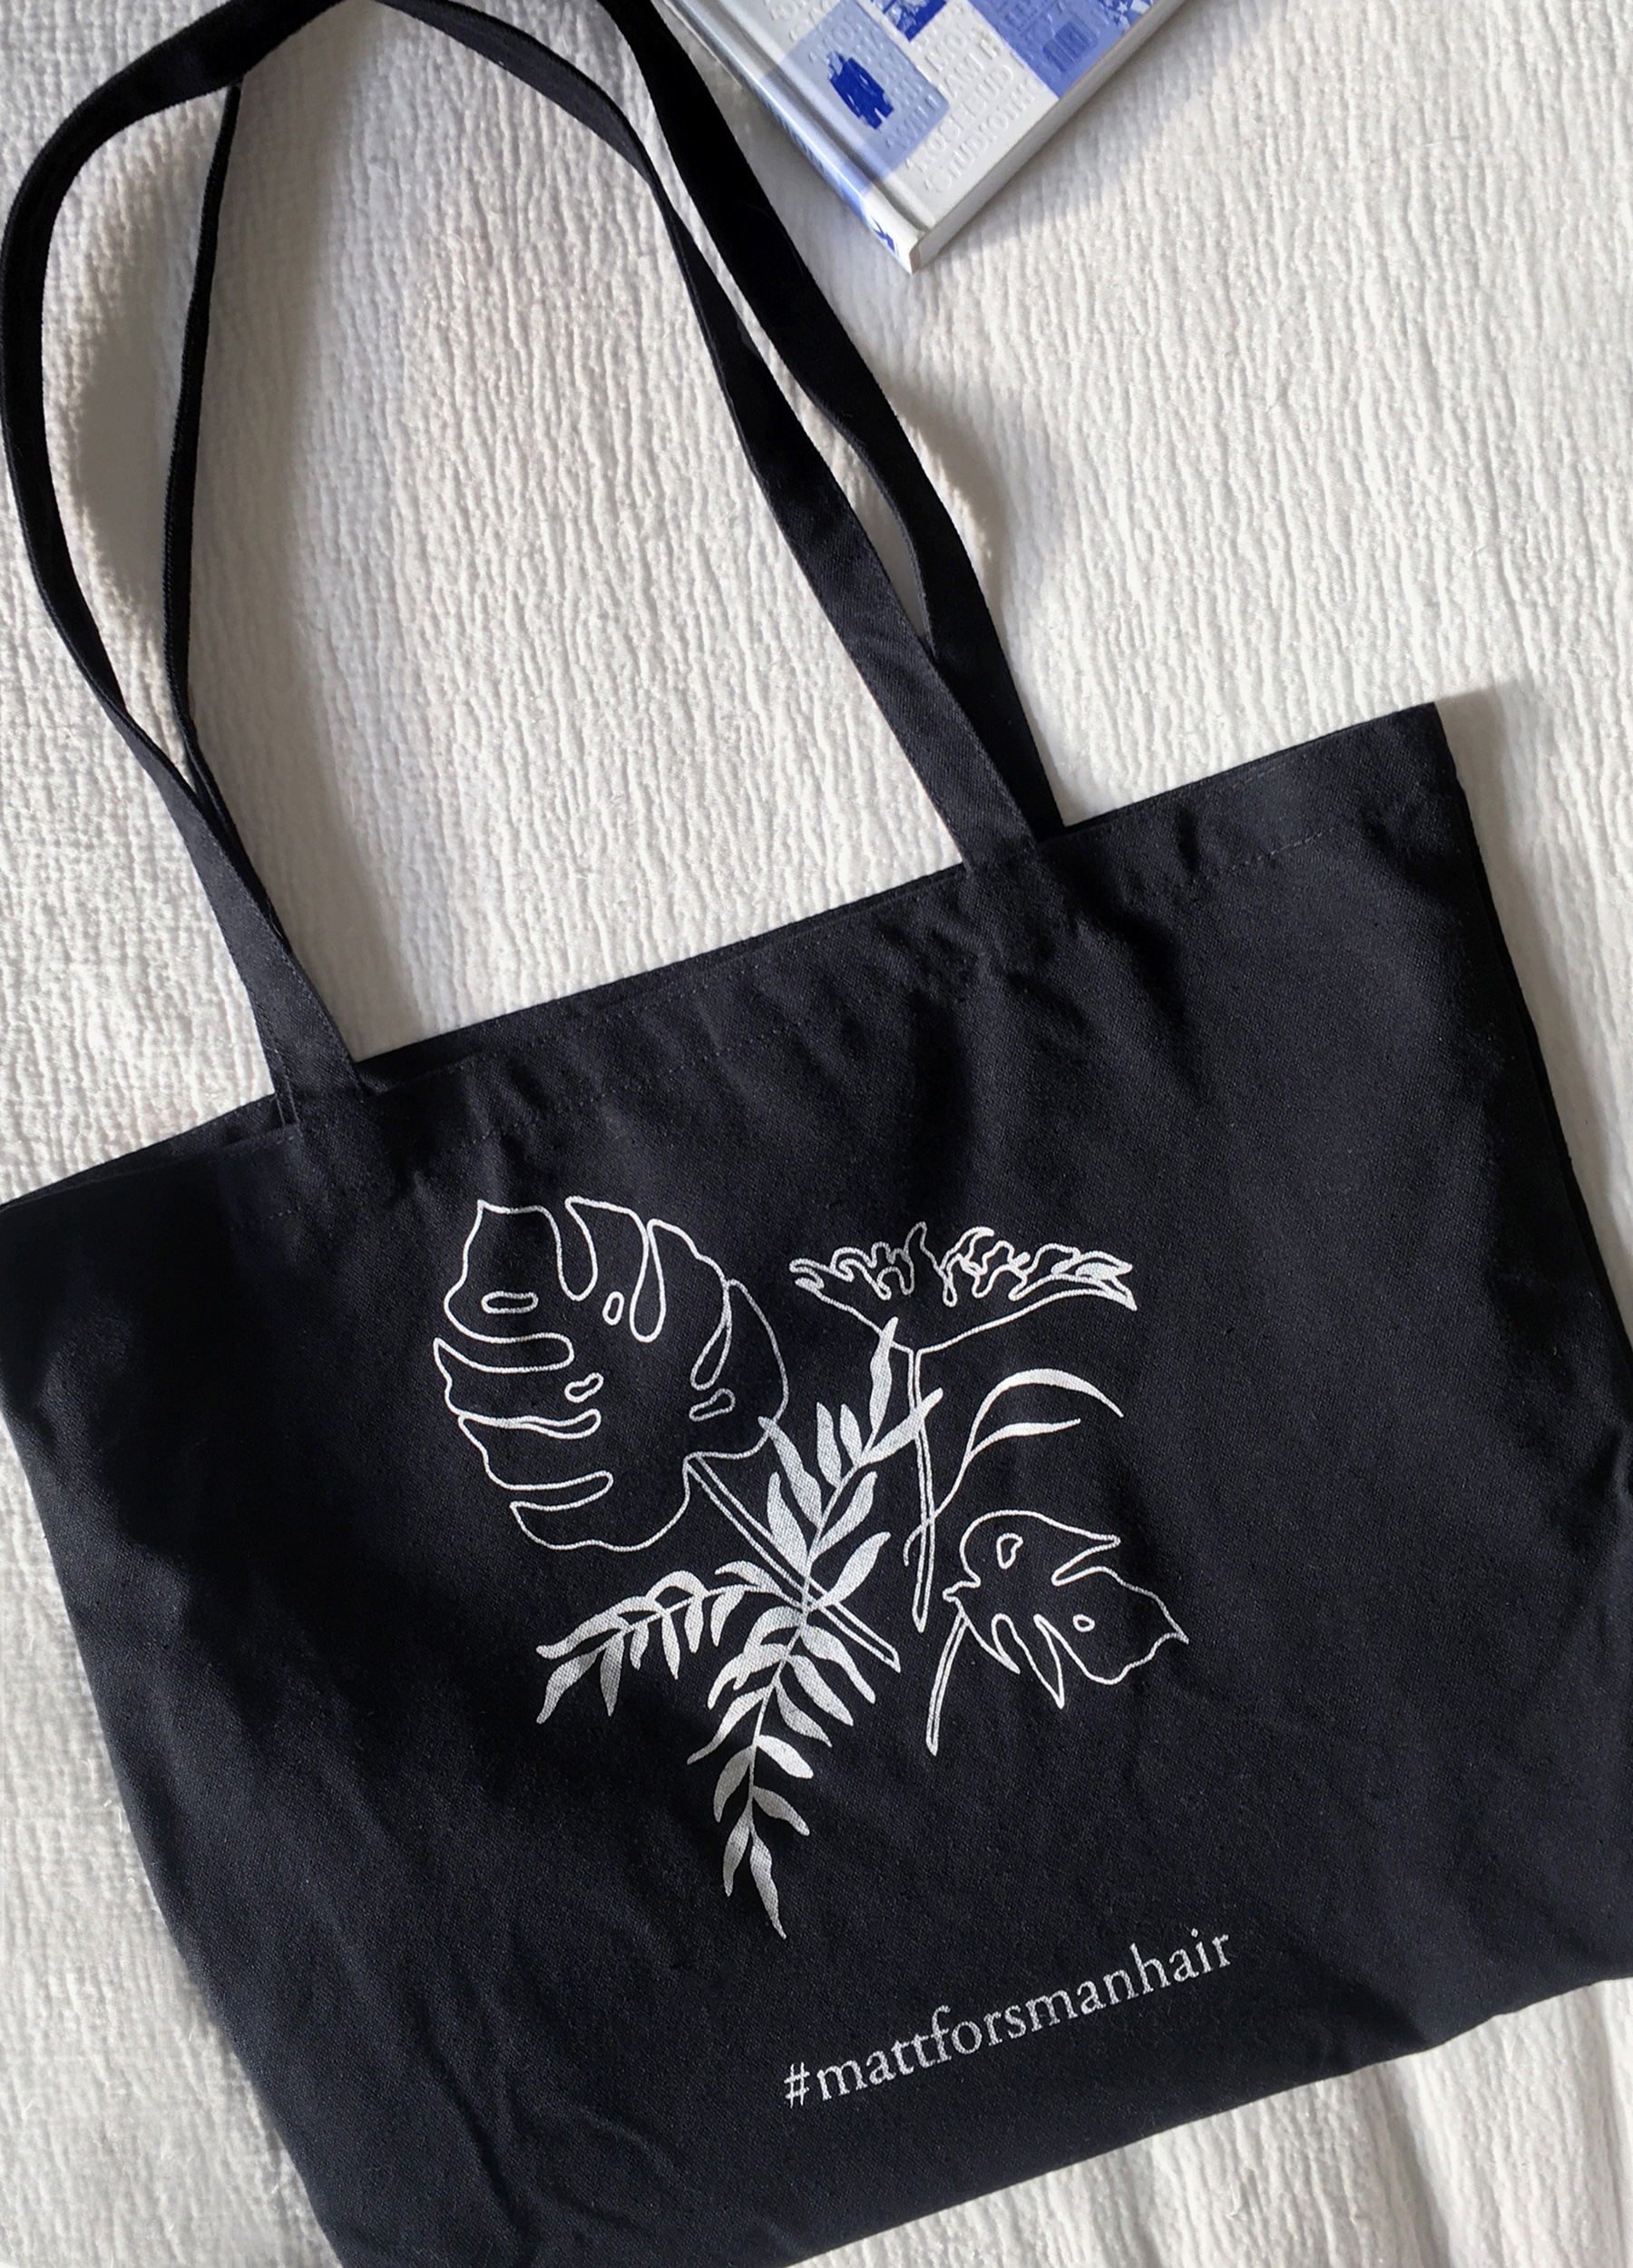 Illustration for Matt Forsman Hair on tote bag